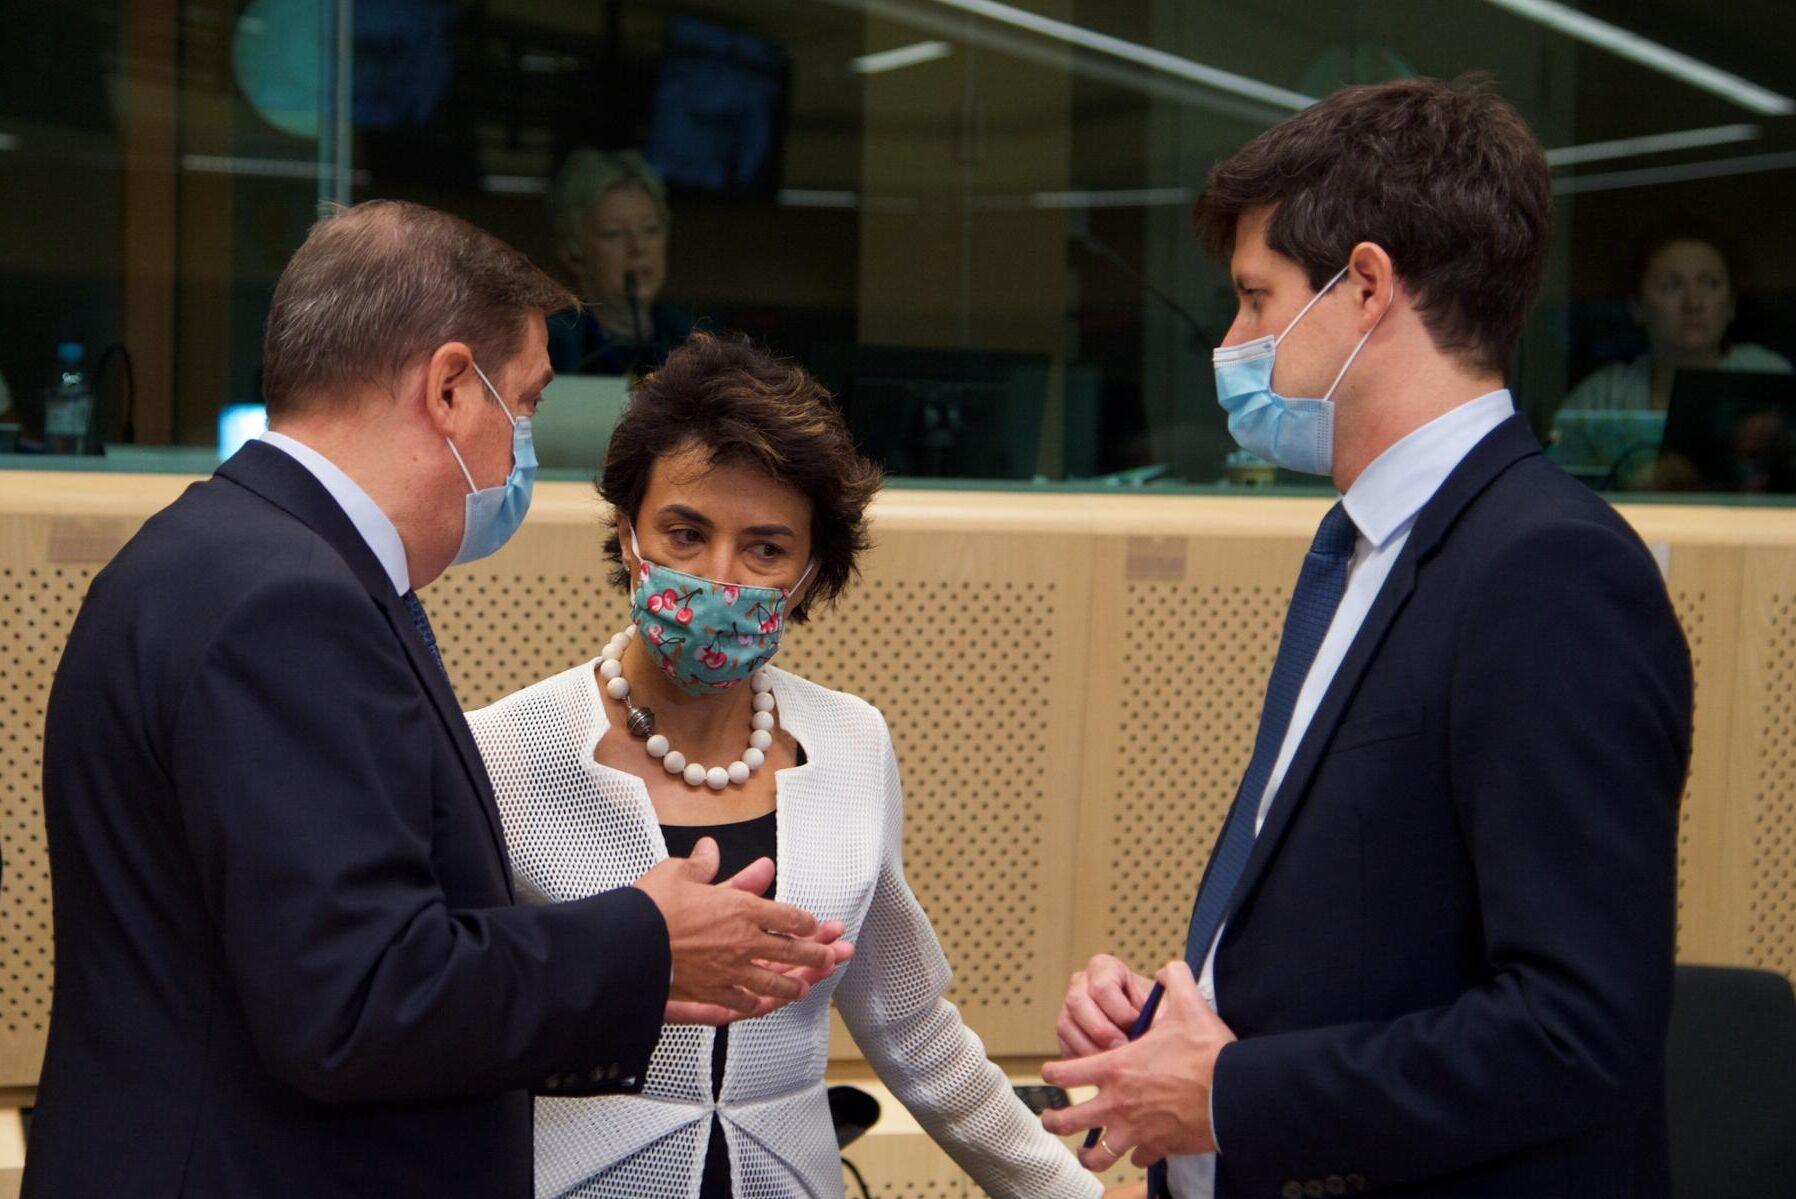 Det är munskydd på som gäller när EU-ländernas jordbruksministrar träffas. Spaniens jordbruksminister Luis Planas Puchades (till vänster) och Frankrikes jordbruksminister Julien Denormandie (till höger) står båda bakom uttalandet om mer stöd till proteingrödor. Deras portugisiska kollega, Maria Do Céu Albuquerque, tillhör inte undertecknarna.